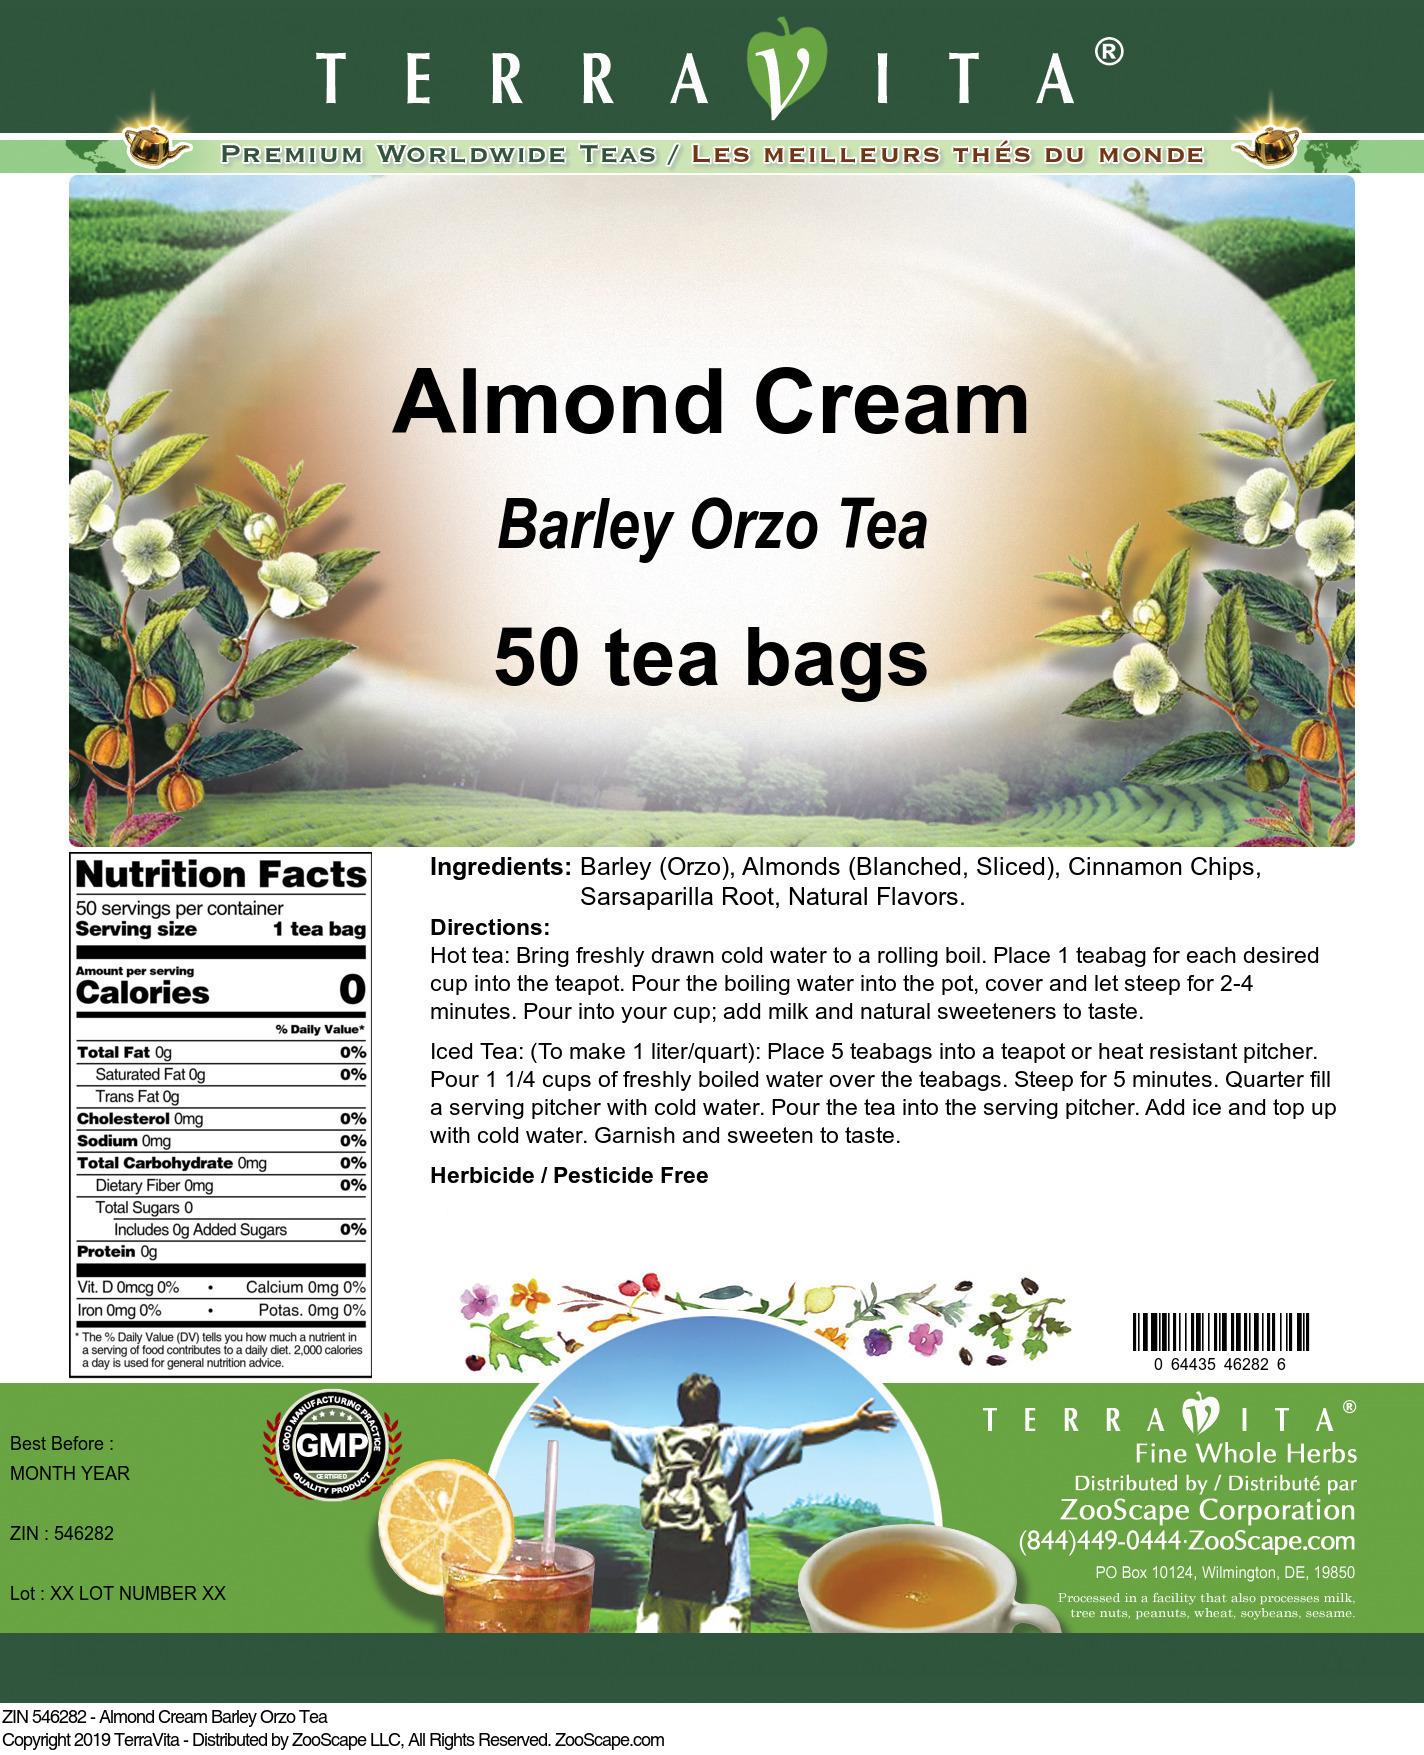 Almond Cream Barley Orzo Tea